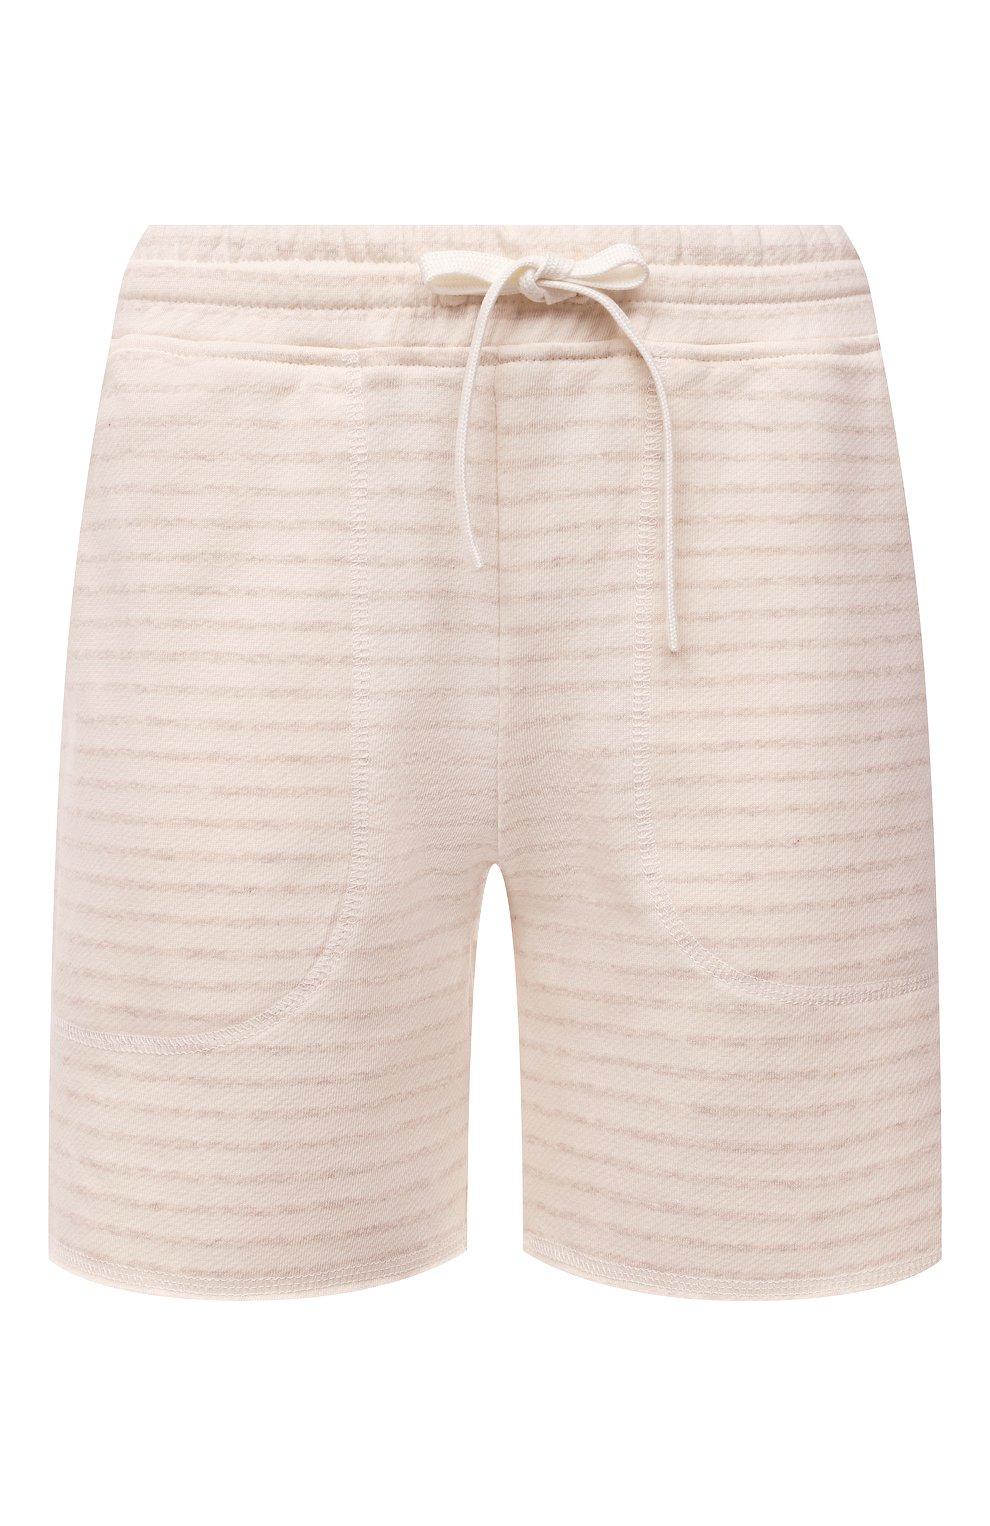 Женские шорты EVA B.BITZER светло-бежевого цвета, арт. 11322845 | Фото 1 (Длина Ж (юбки, платья, шорты): Мини; Женское Кросс-КТ: Домашние шорты; Материал внешний: Хлопок)